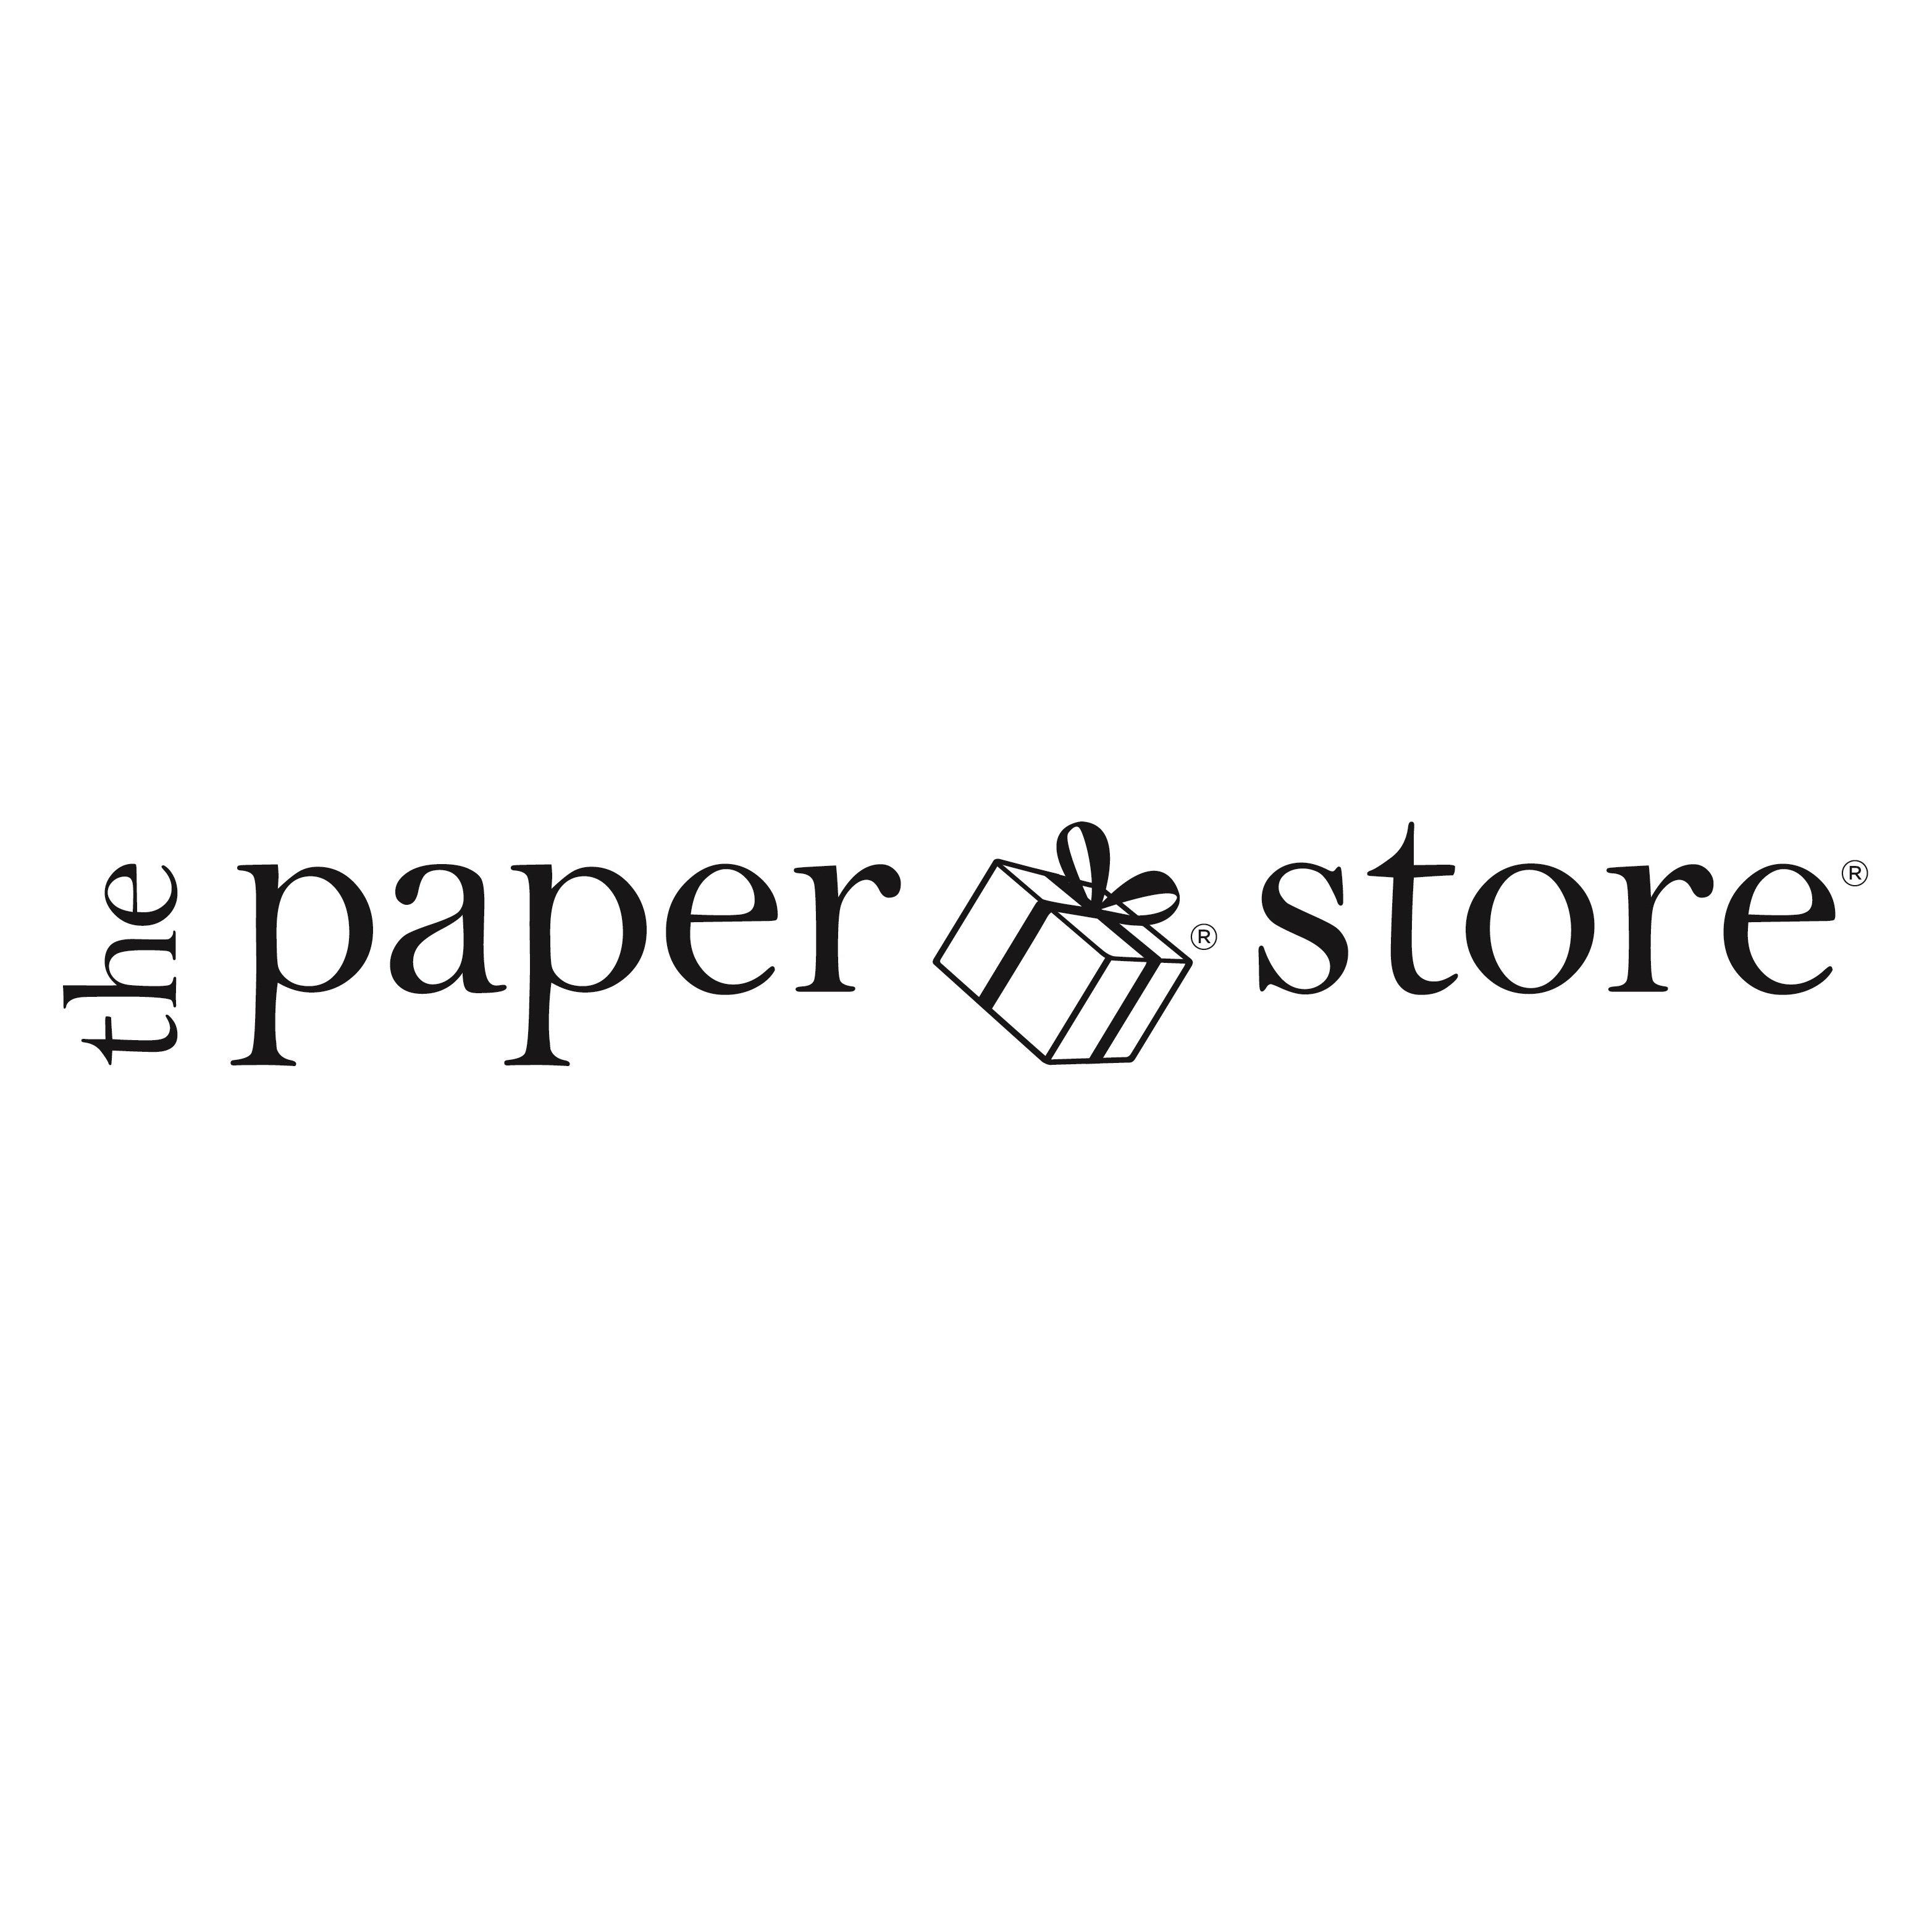 ThePaperStore_Logo-1